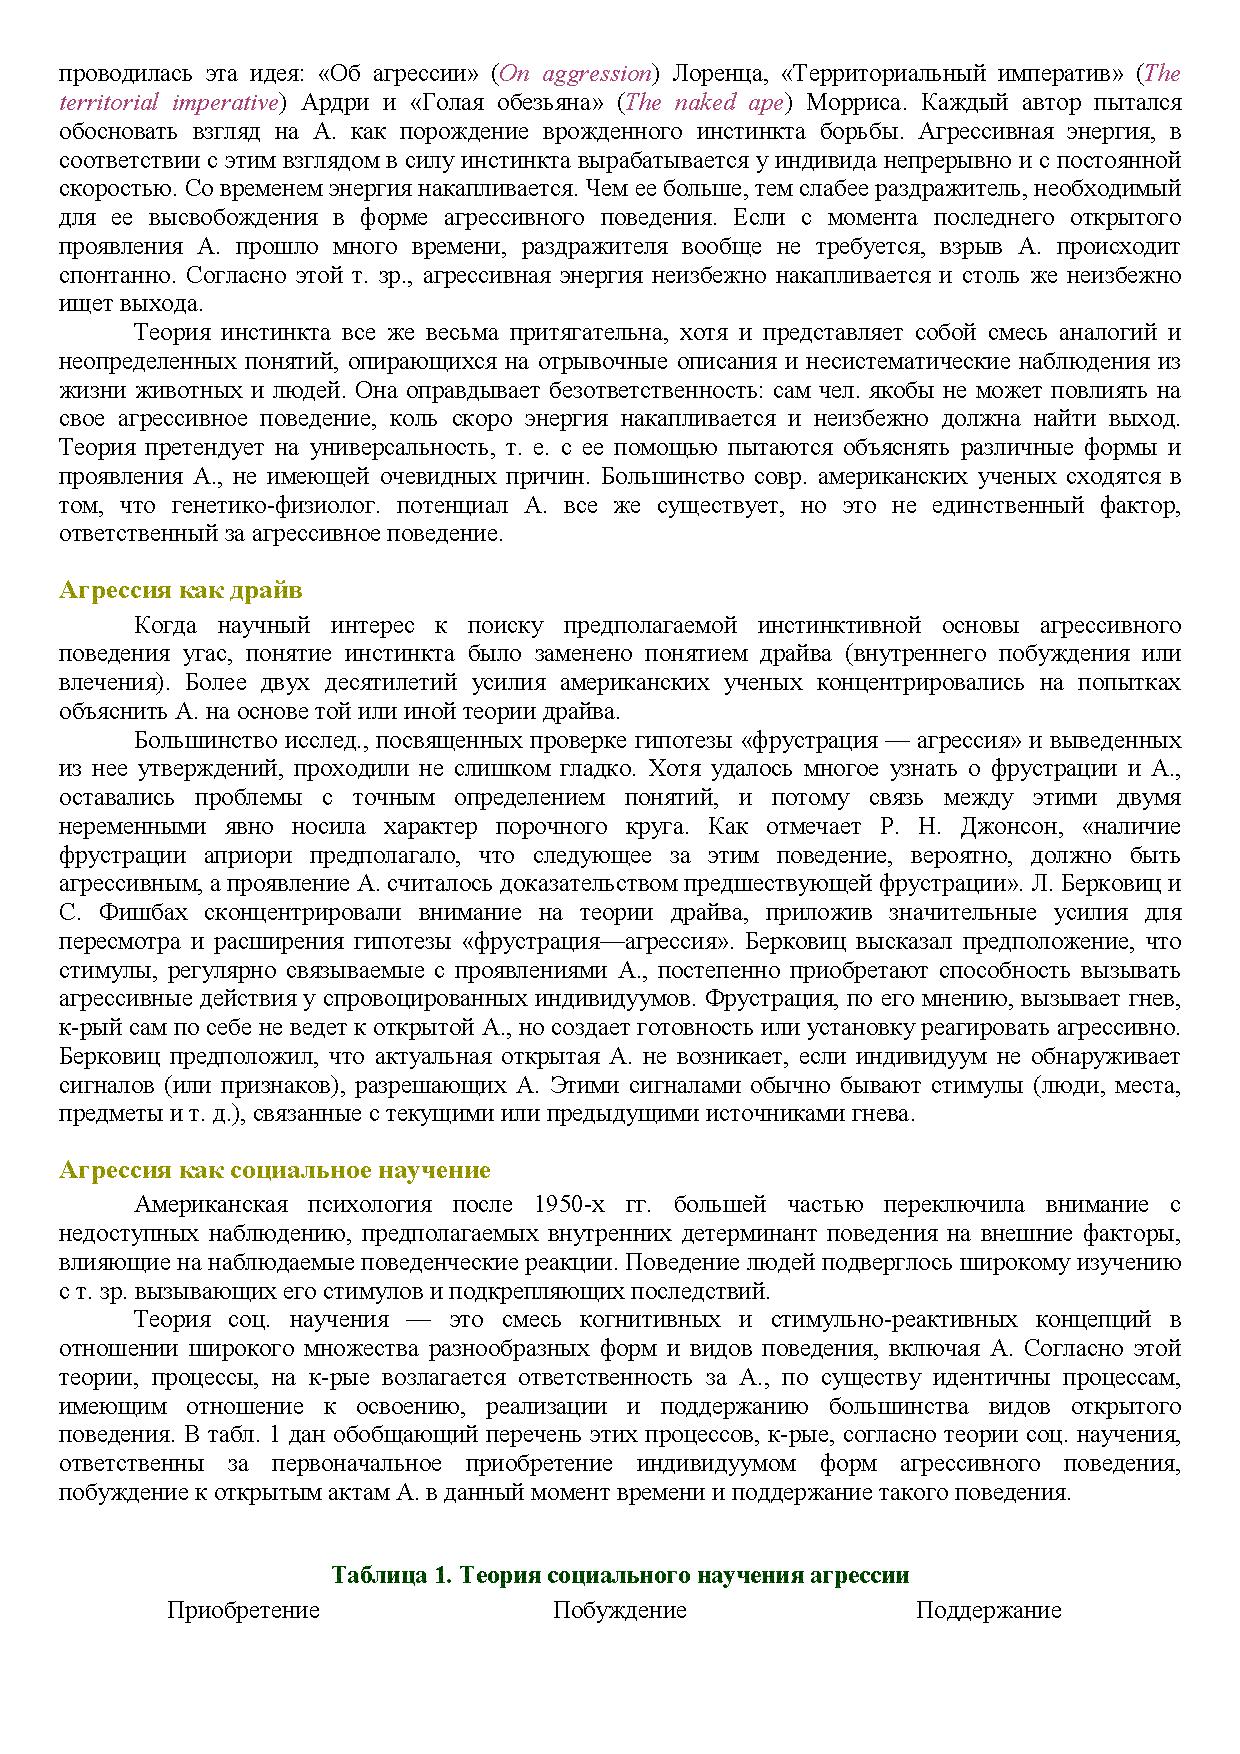 Реактивное сопротивление (психология) — википедия